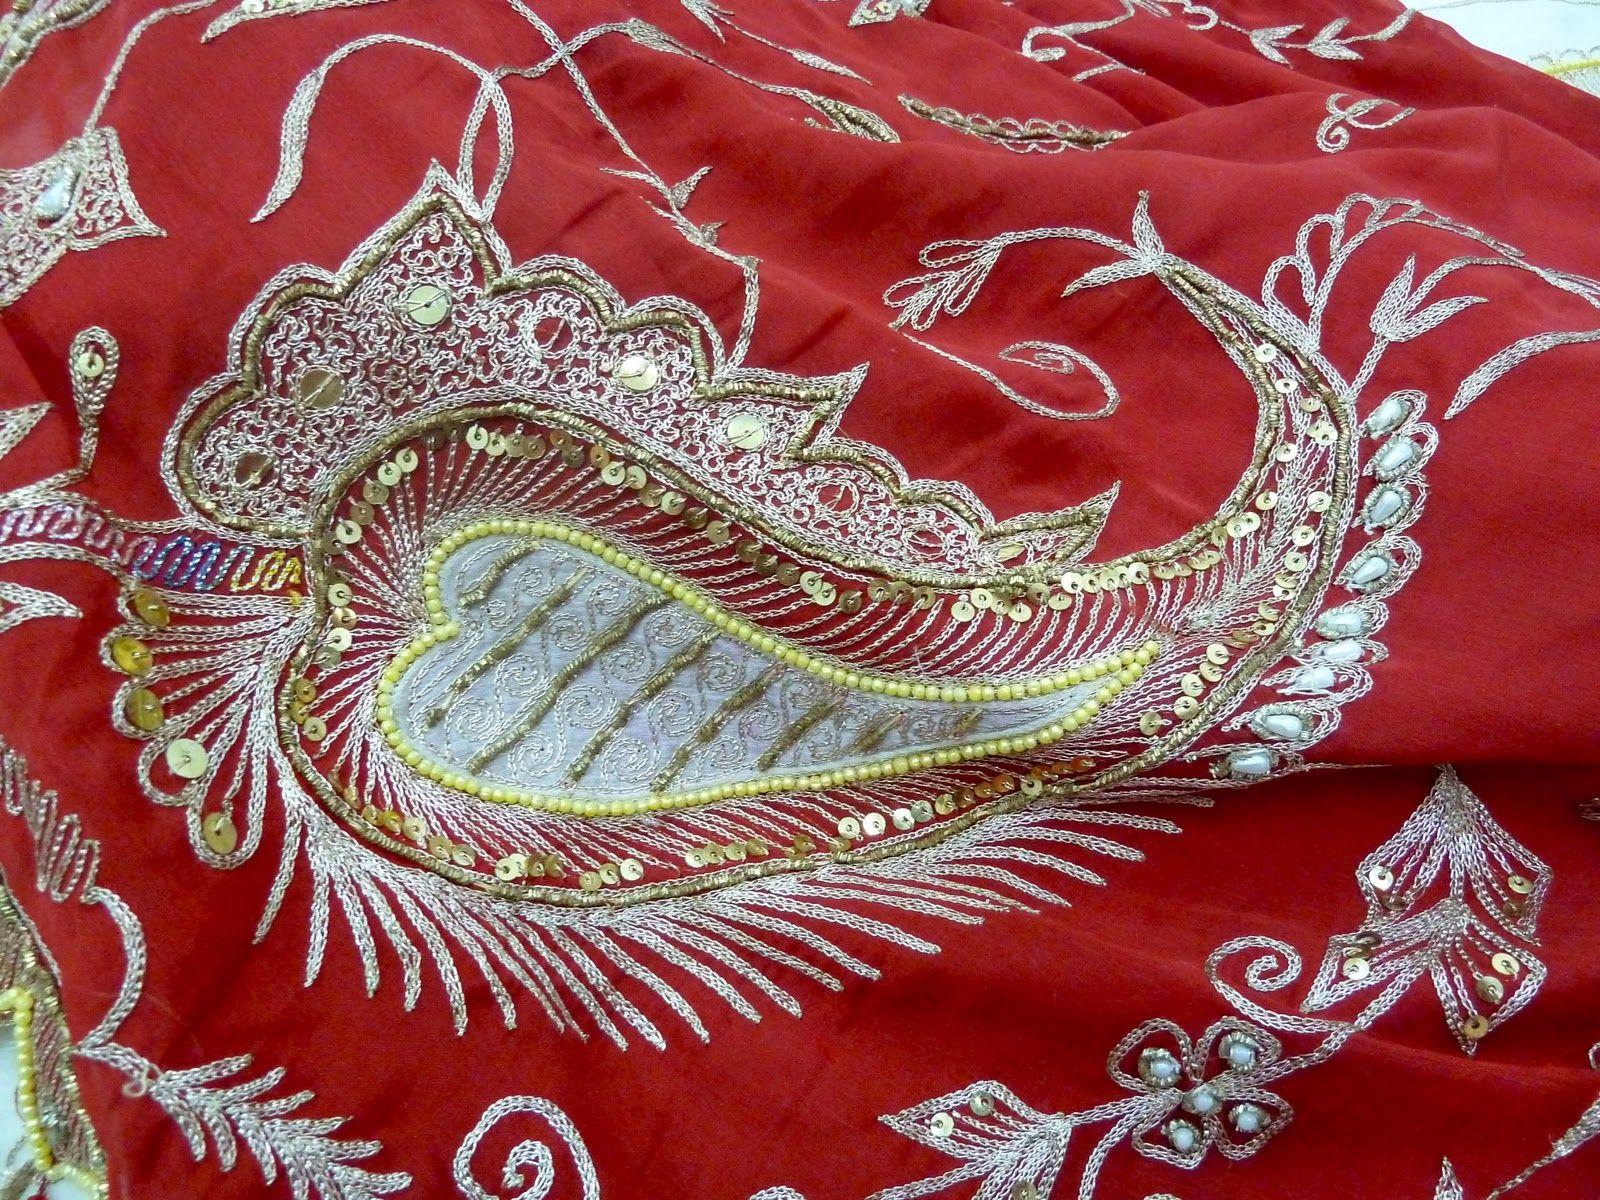 Aari embroidery chain stitch dominated by zari metallic